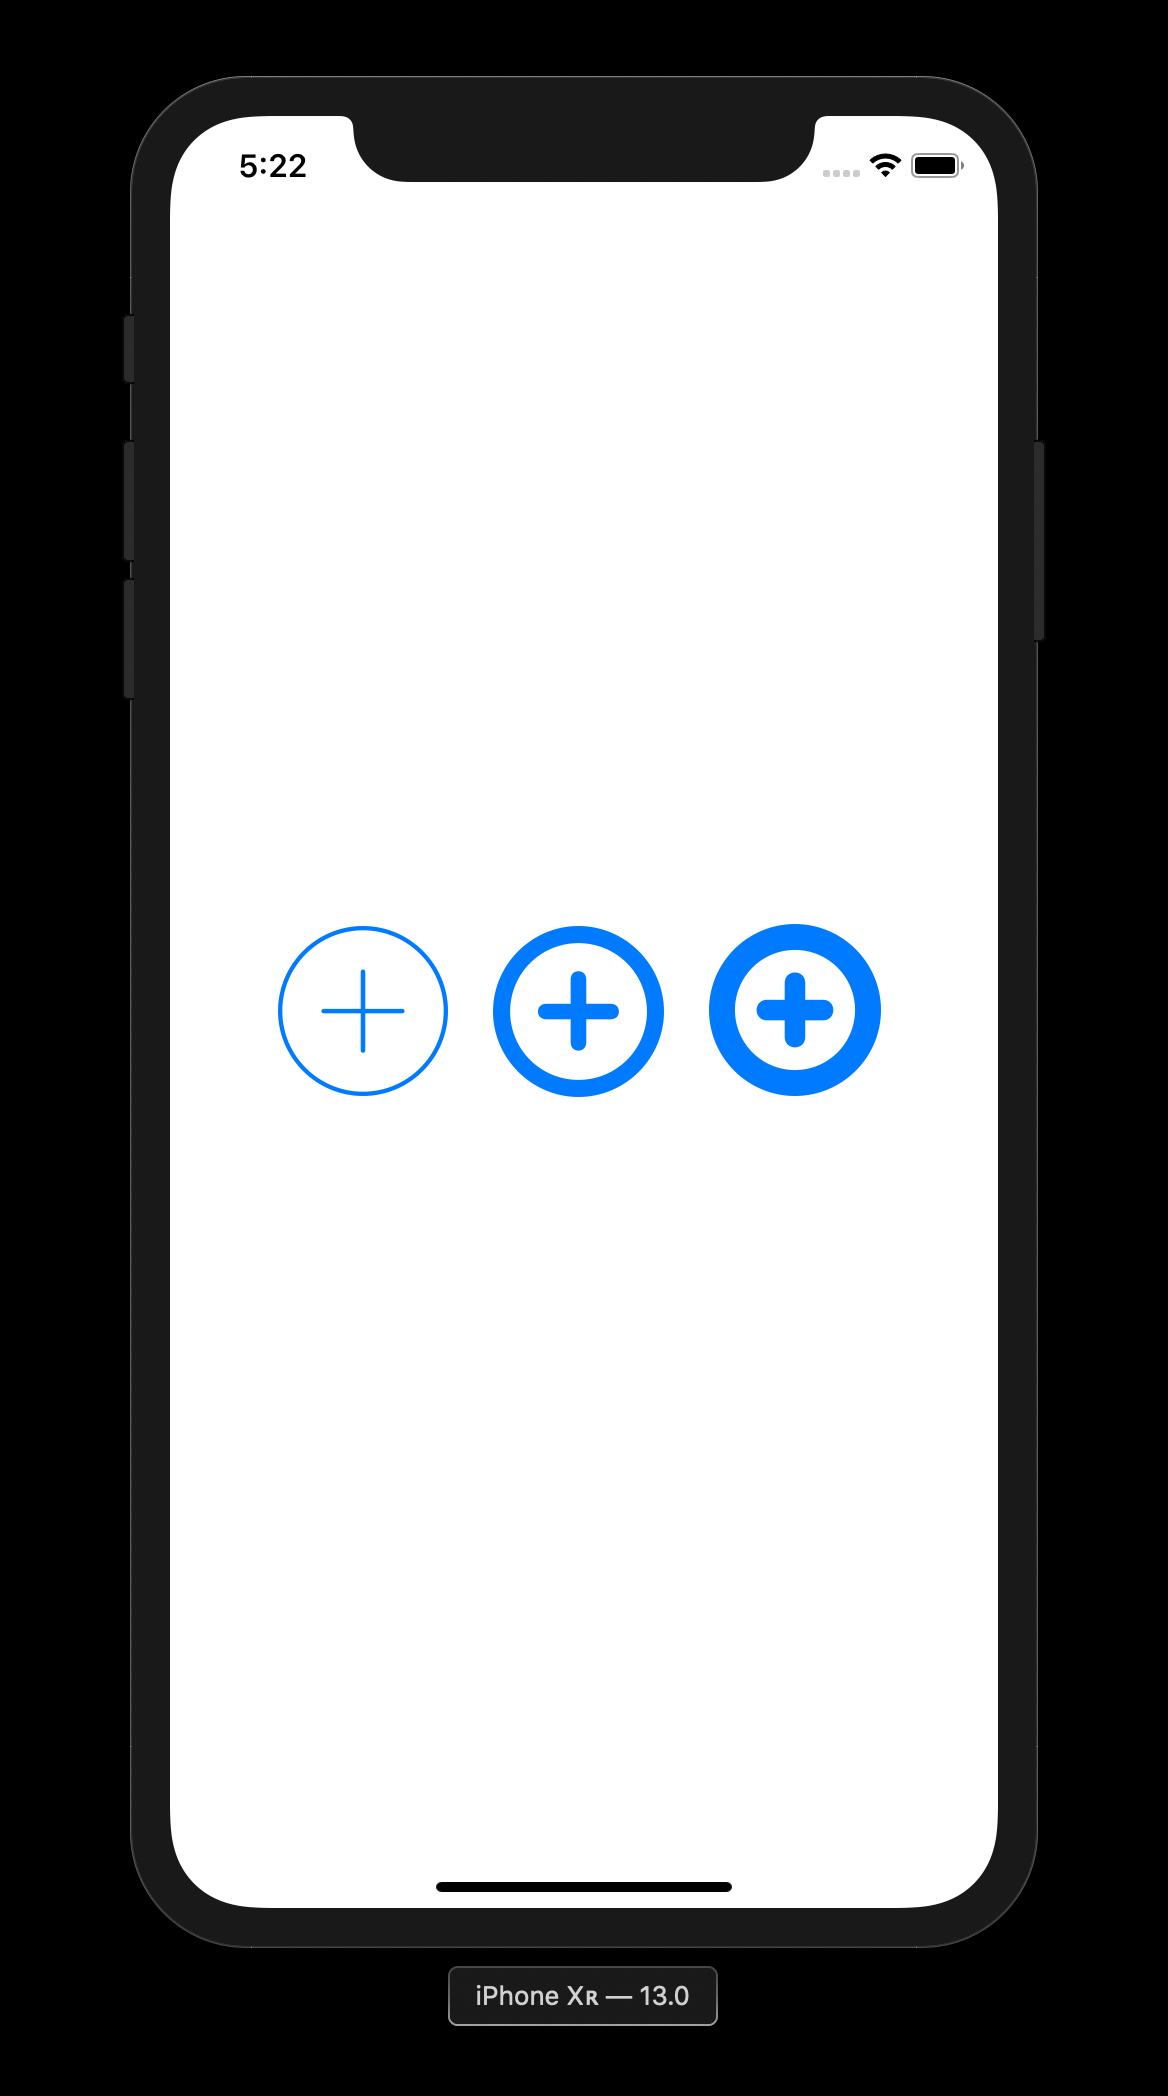 Mithilfe von Konfigurationen kann das Aussehen von auf SF Symbols basierenden Grafiken angepasst werden.